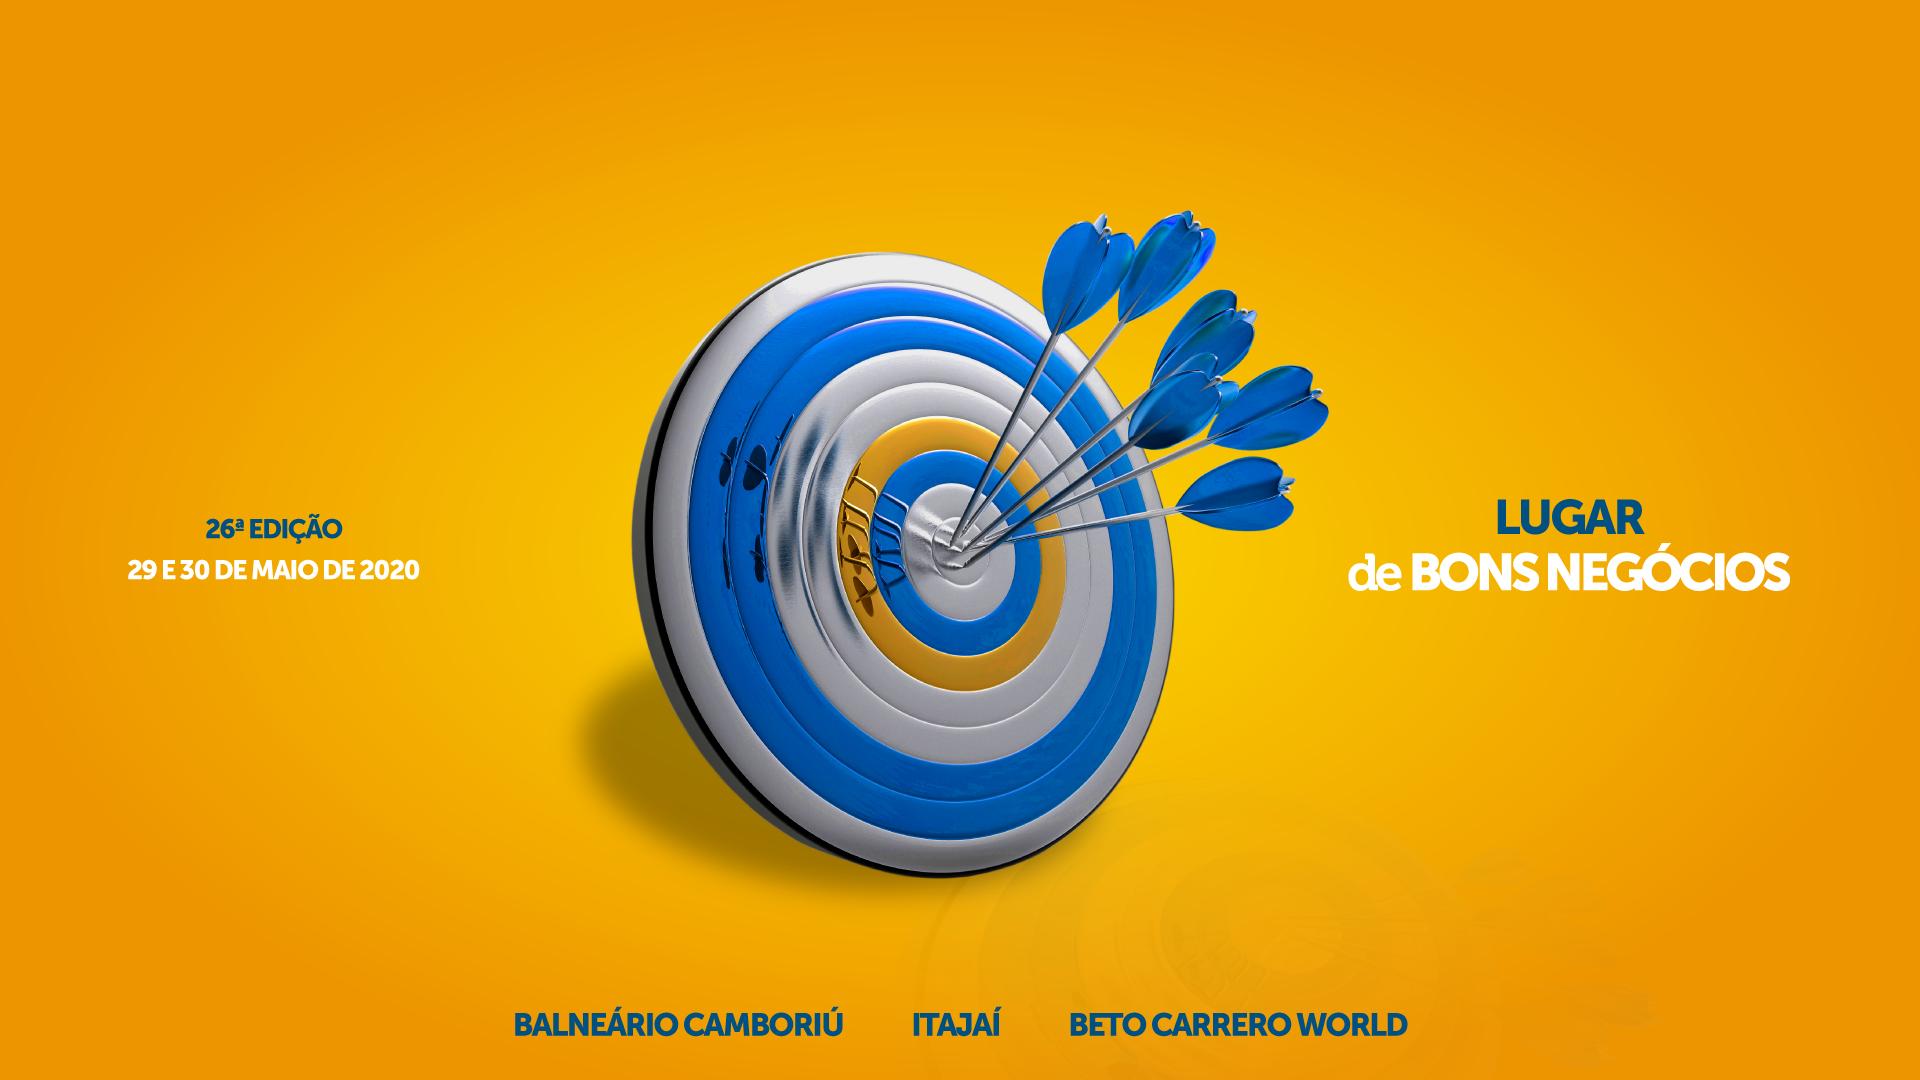 A 26ª BNT Mercosul ocorre nos dias 29 e 30 de maio de 2020 em Itajaí, Balneário Camboriú e Beto Carrero World.